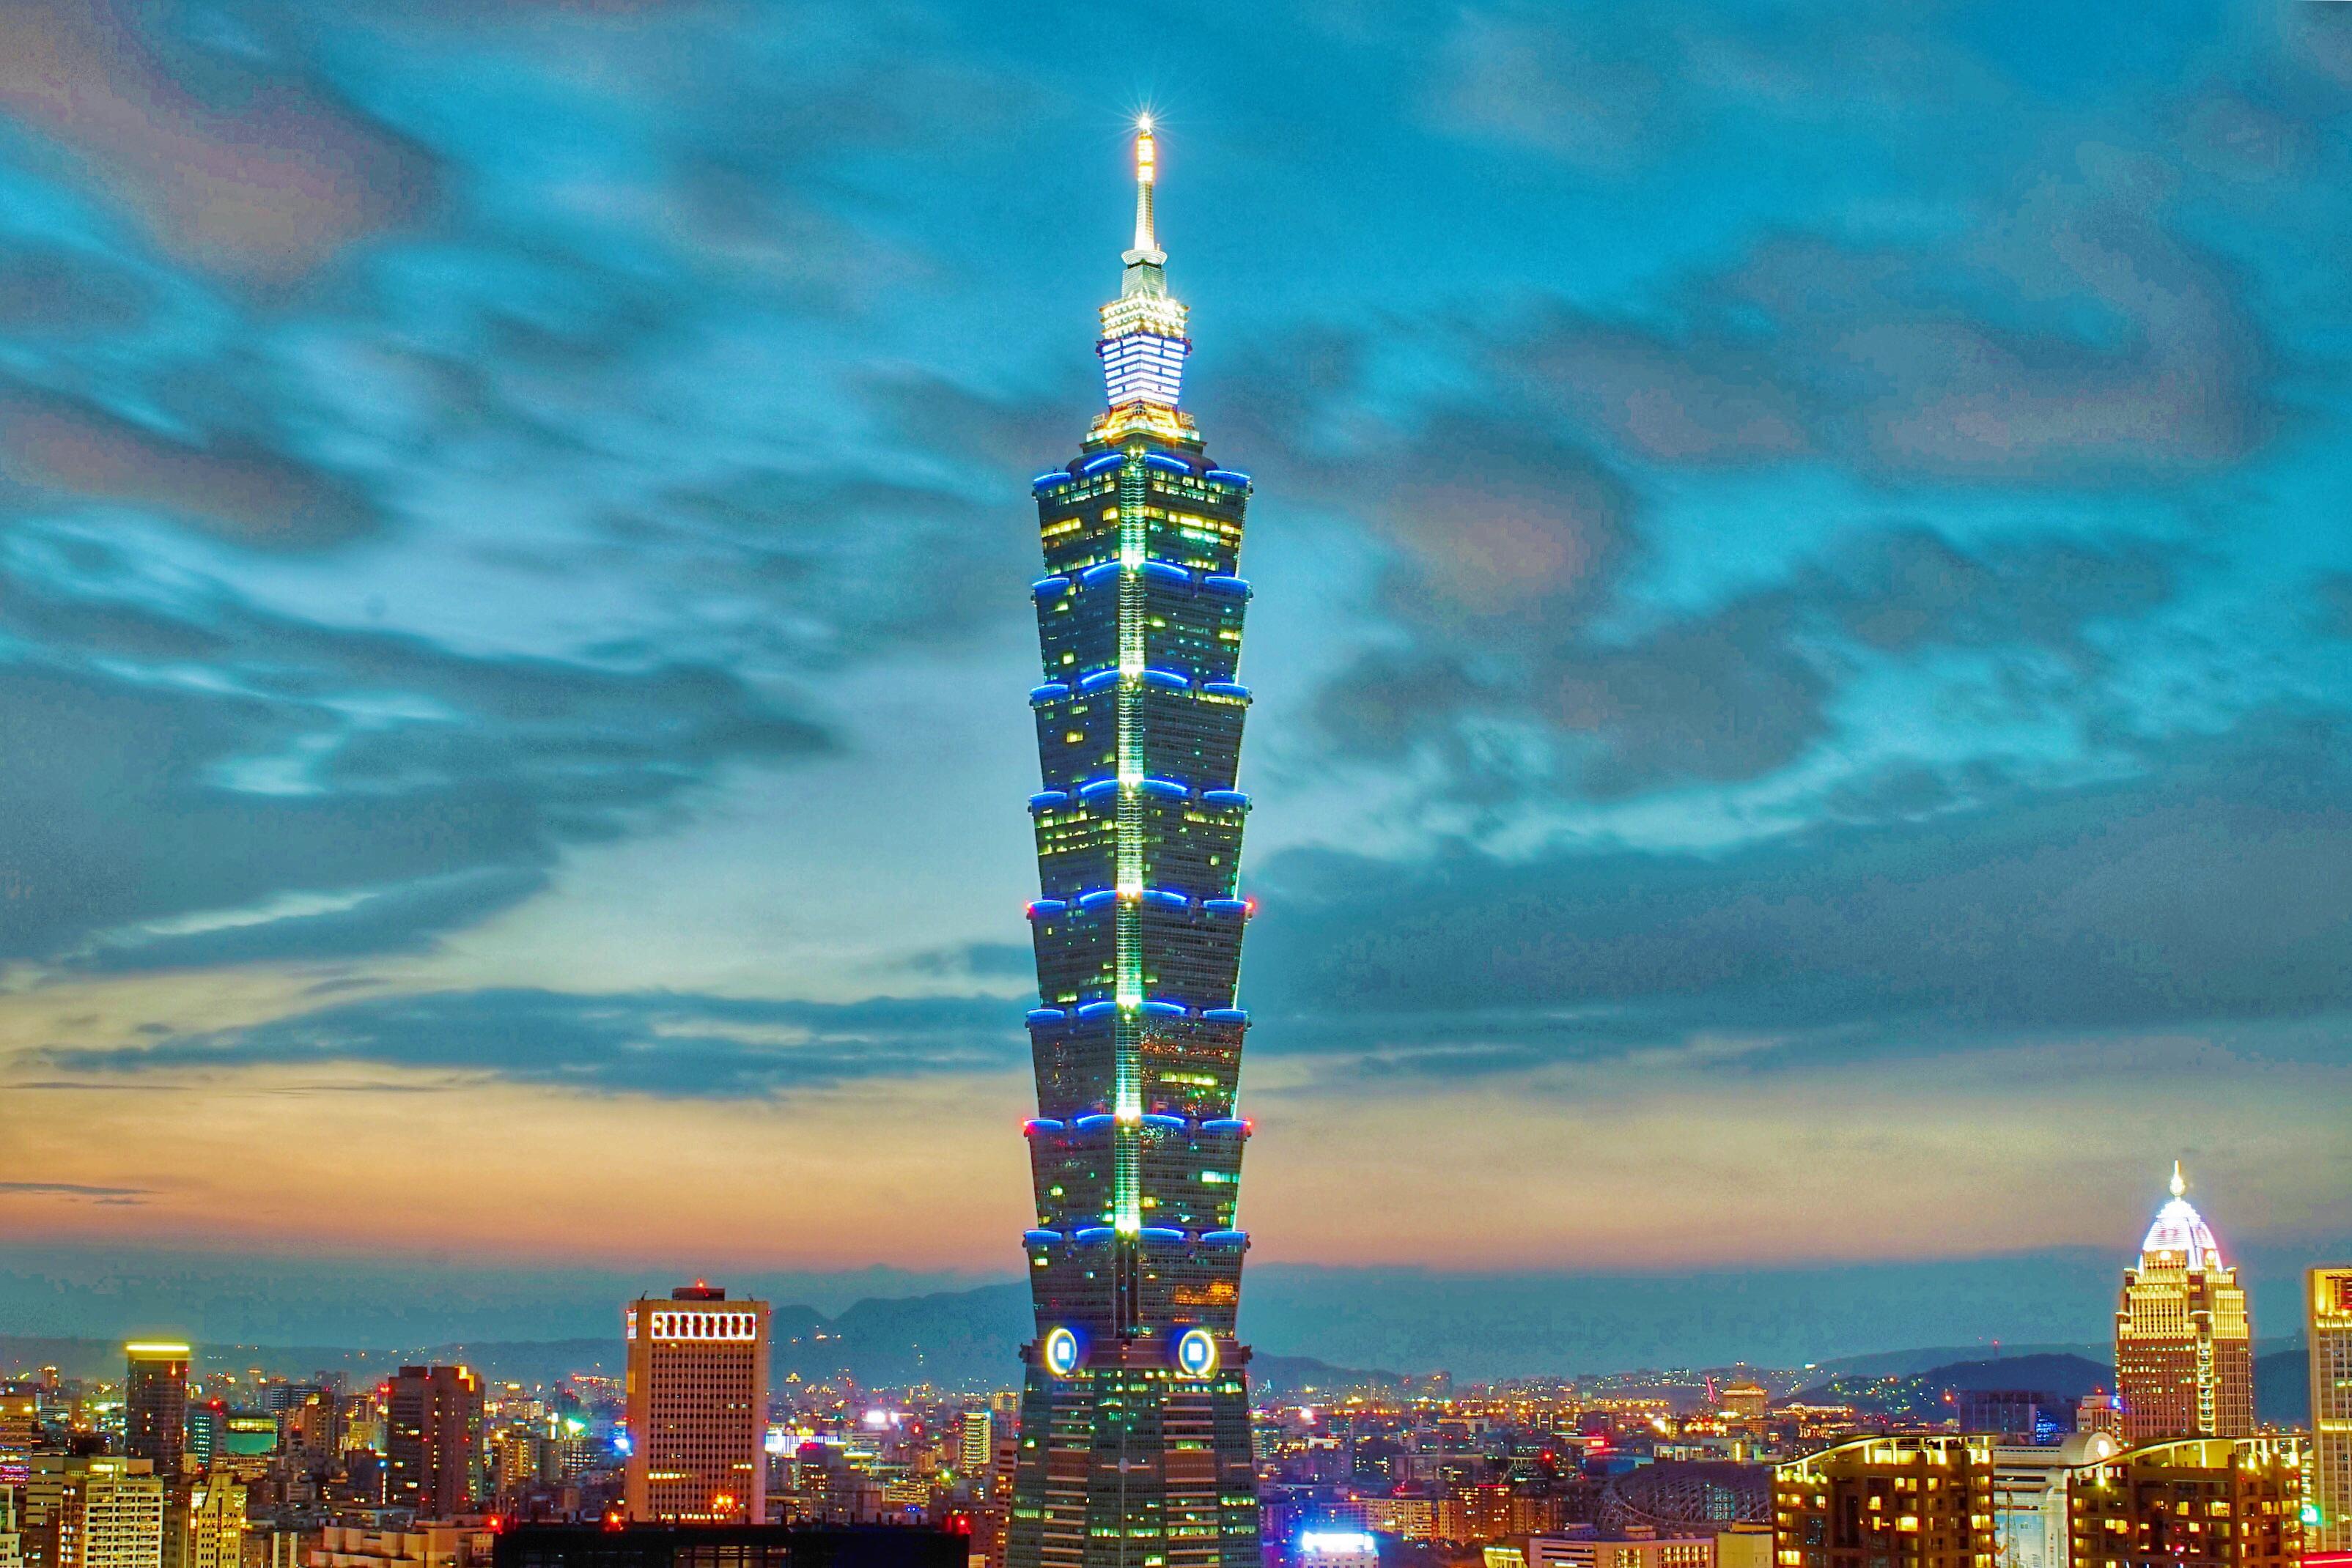 【携程攻略】台湾台北台北101大楼好玩吗,台湾台北101图片